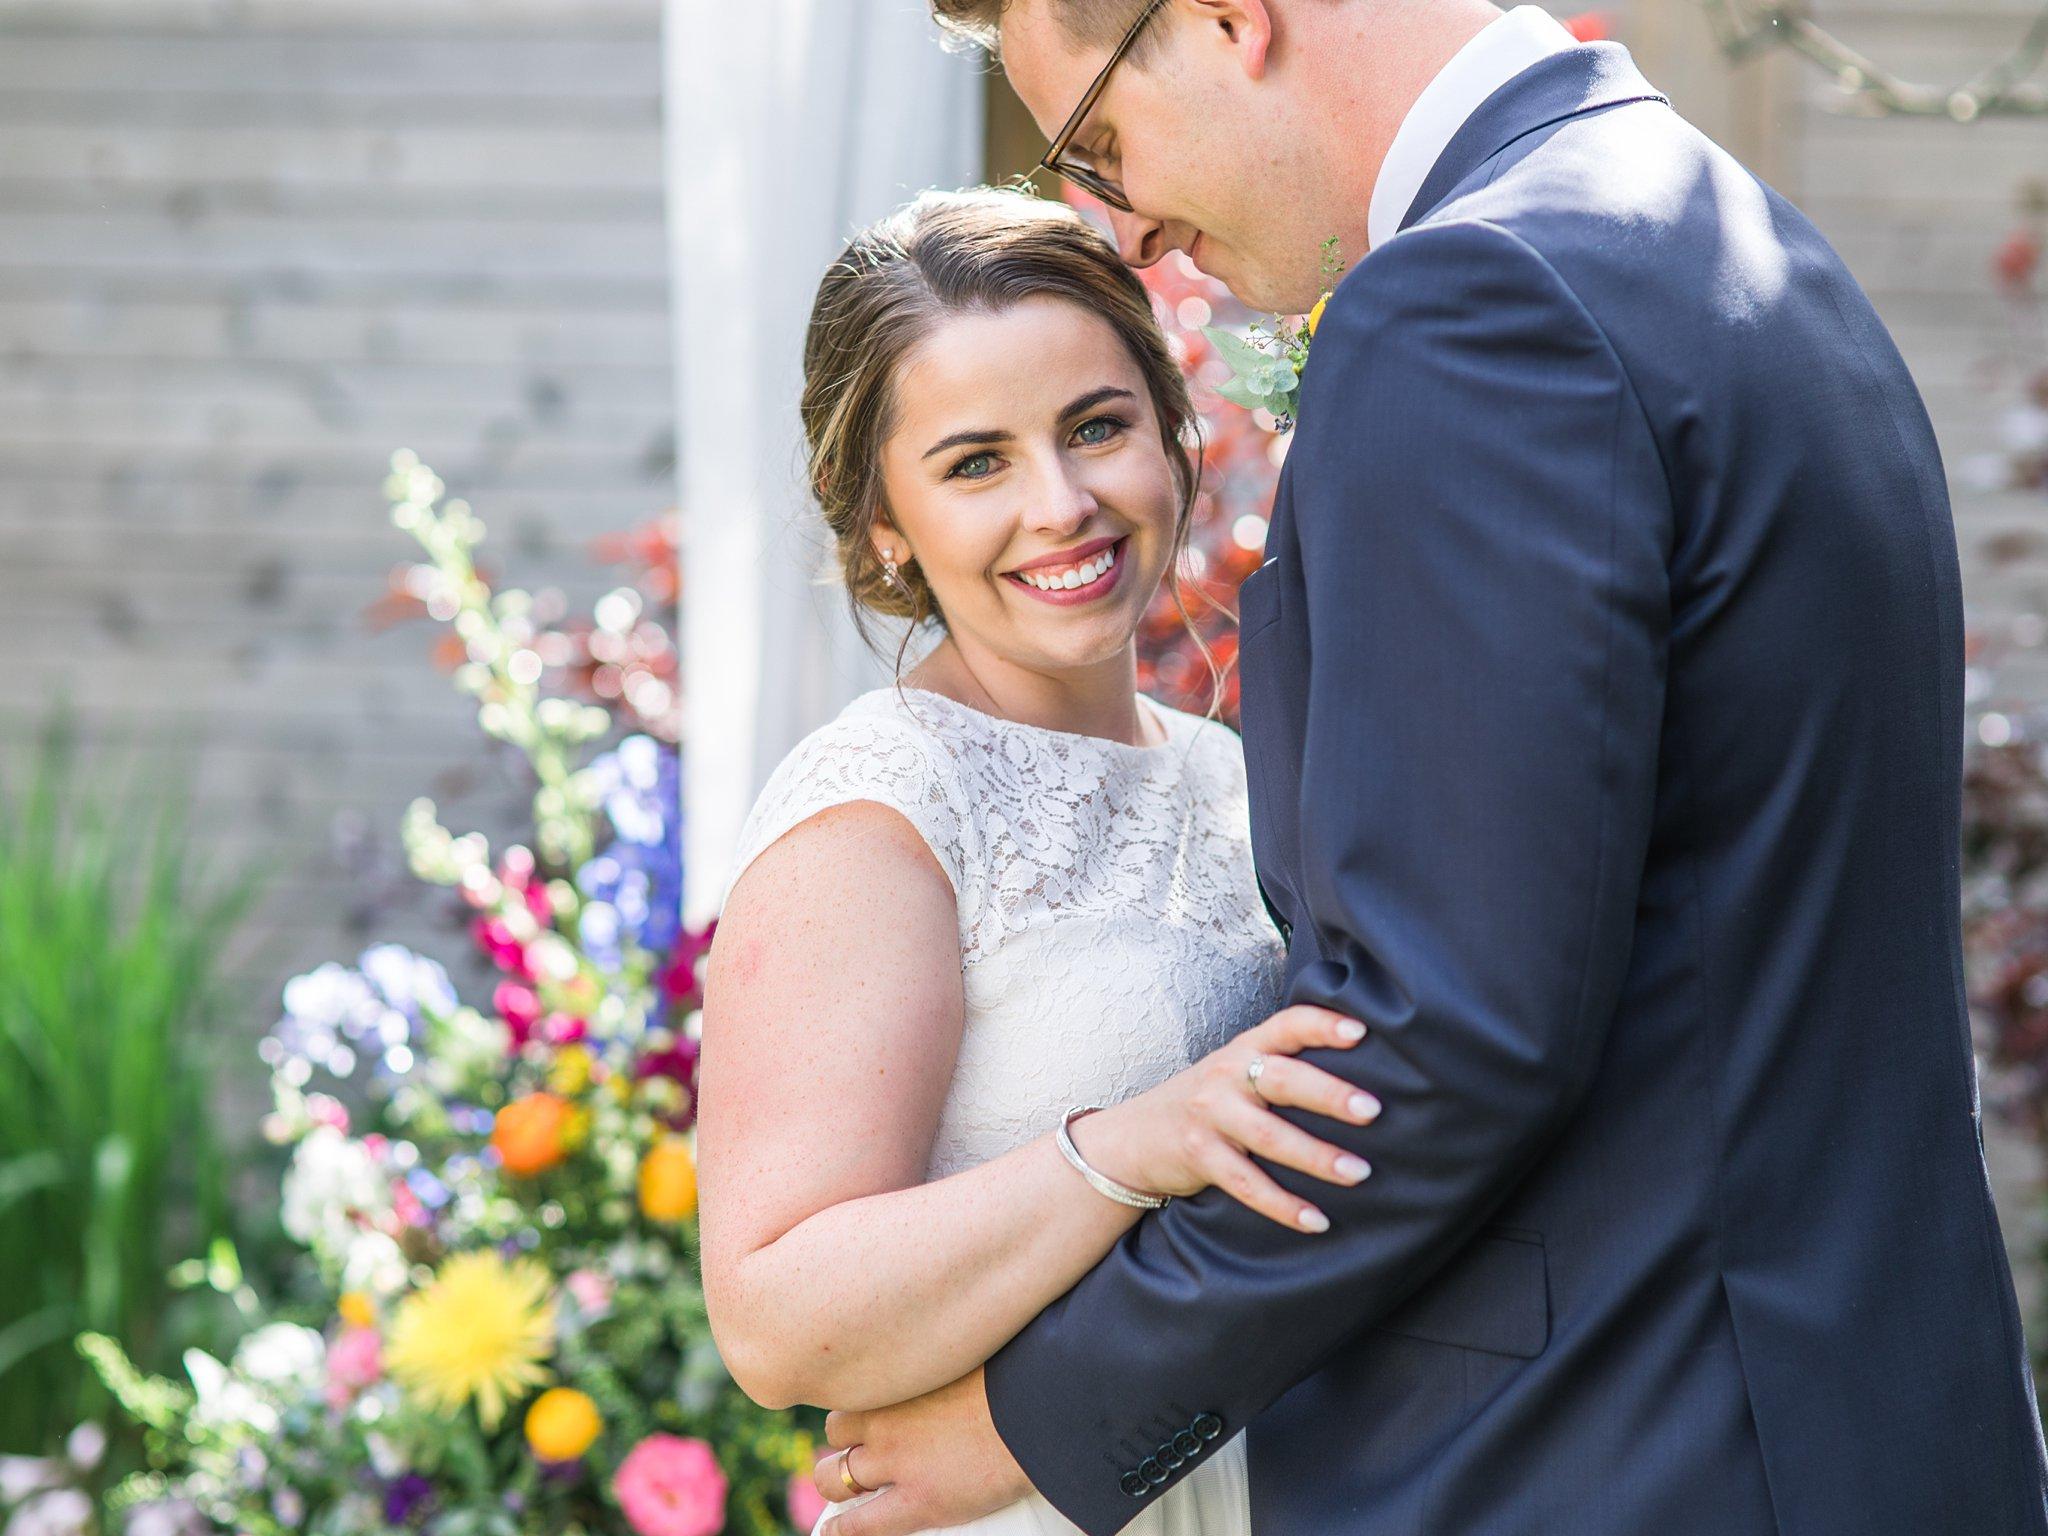 Happy bride on wedding day, Social Restaurant Wedding Photos Ottawa